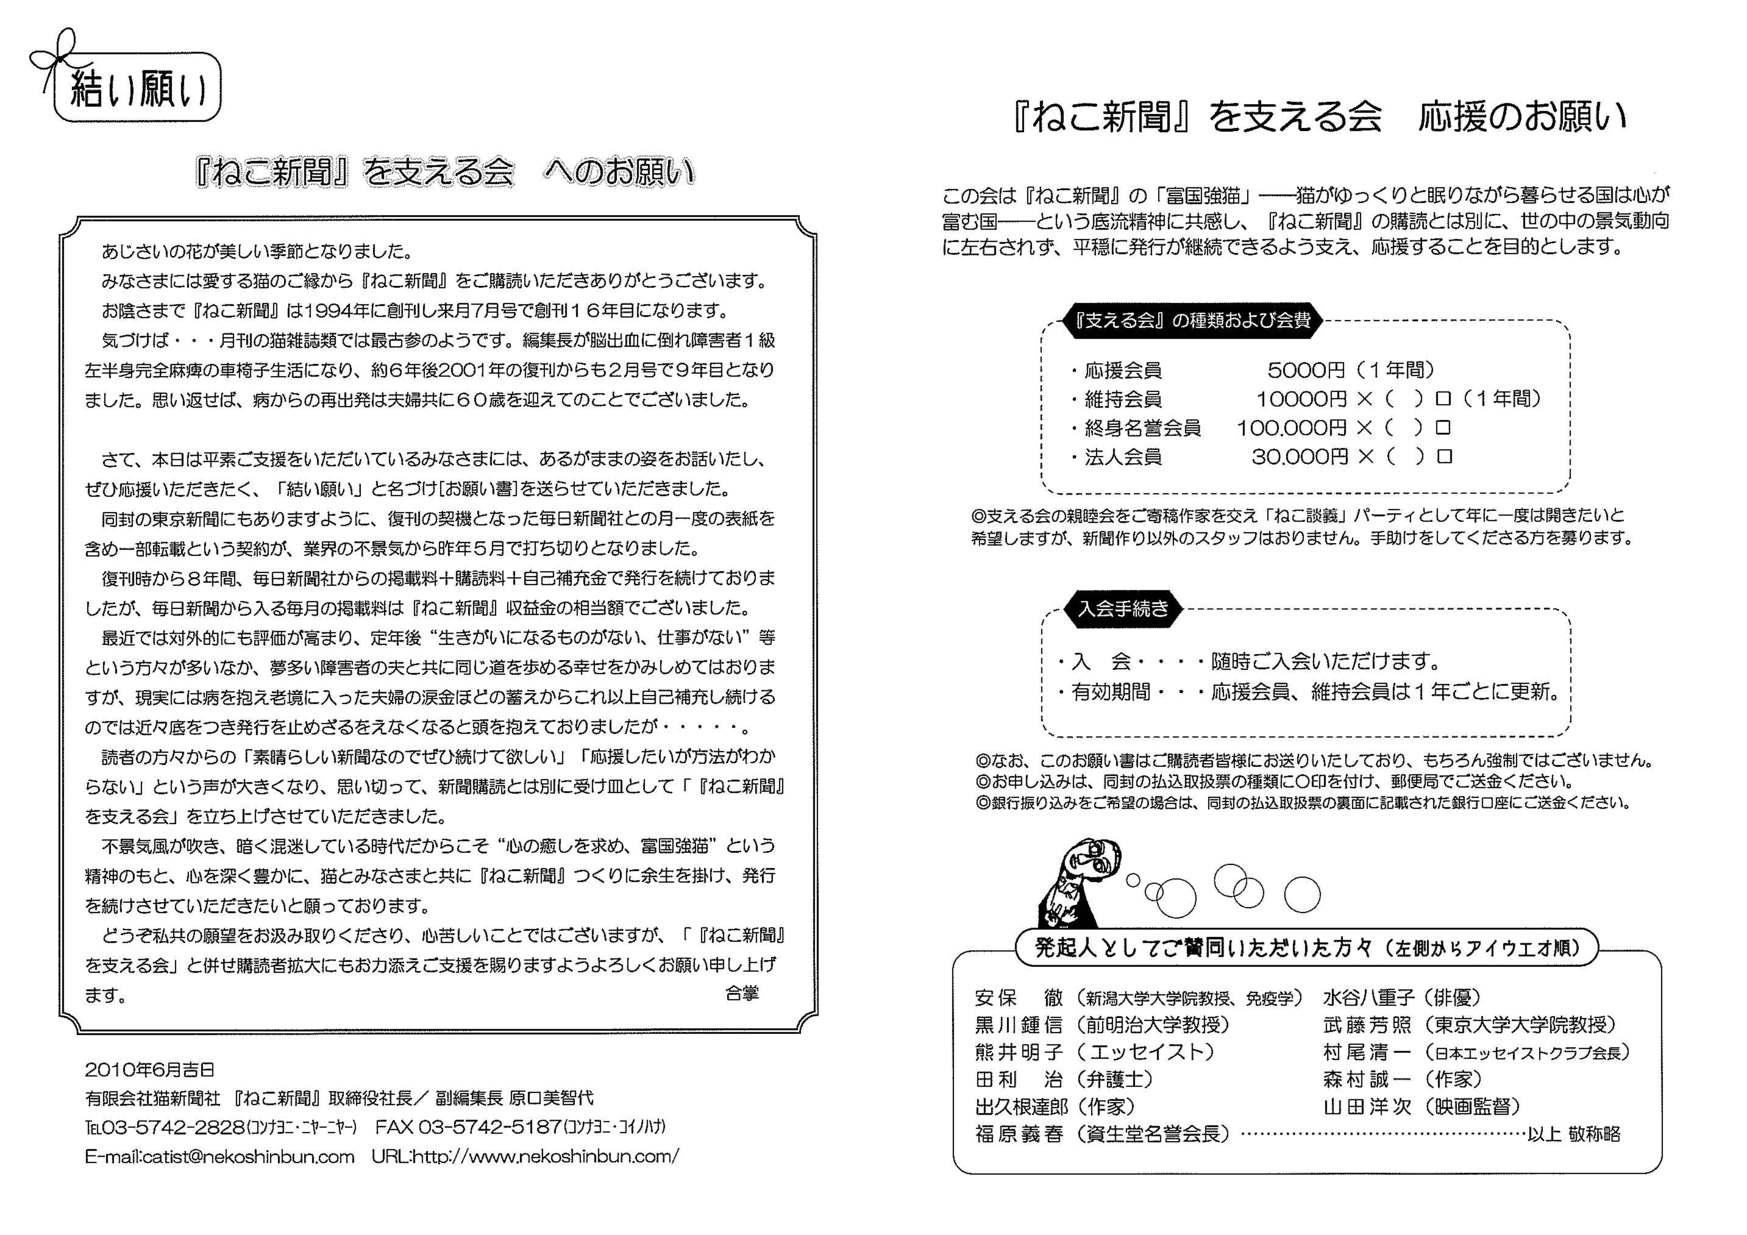 ピンチ!ねこ新聞_e0101312_18342691.jpg